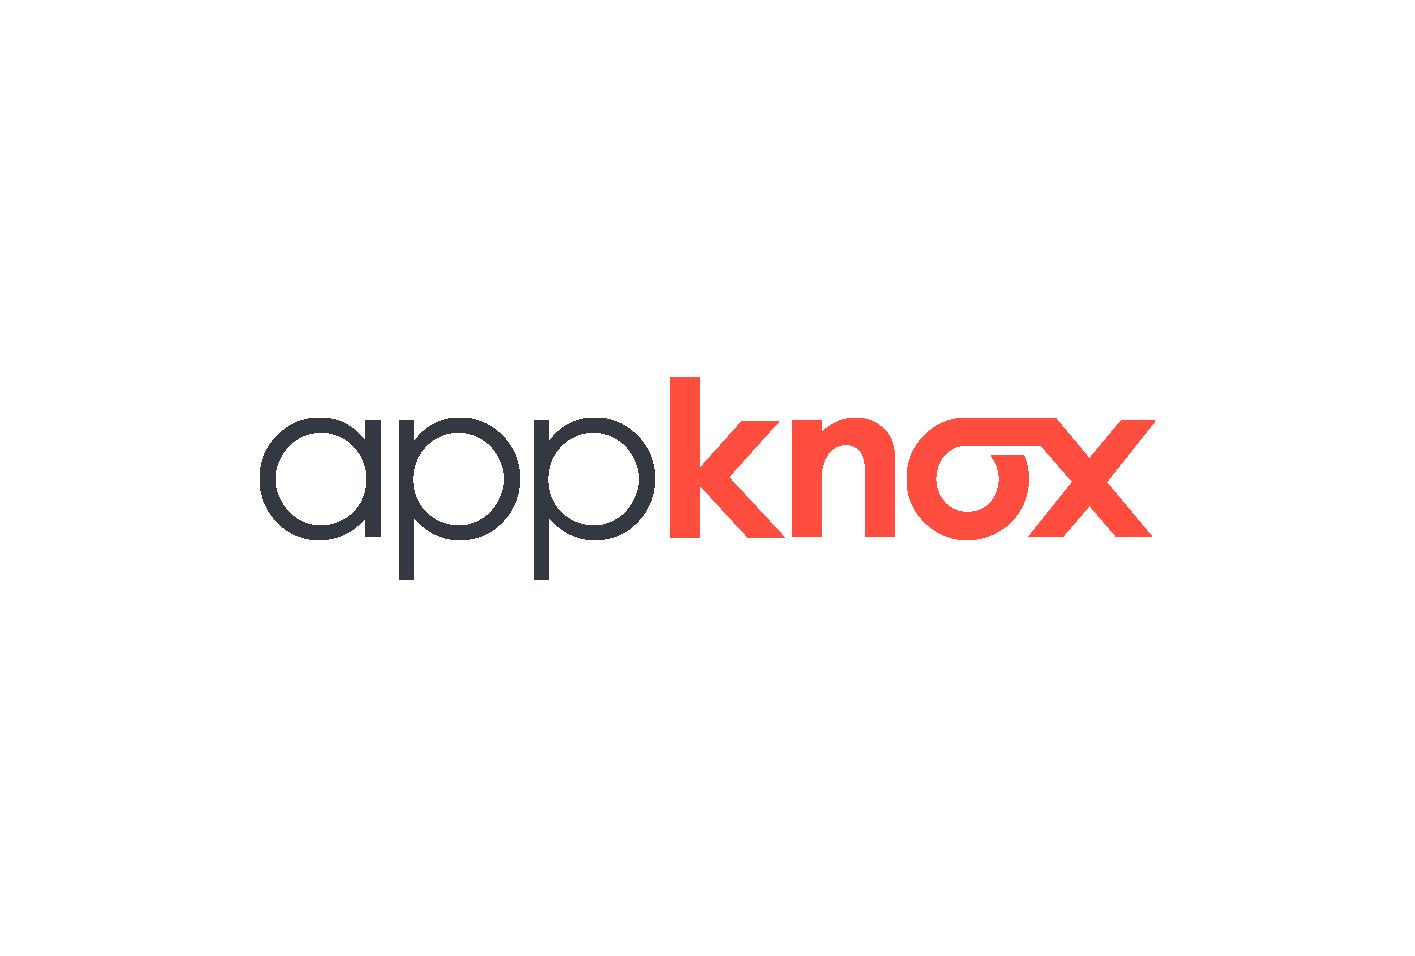 appknox